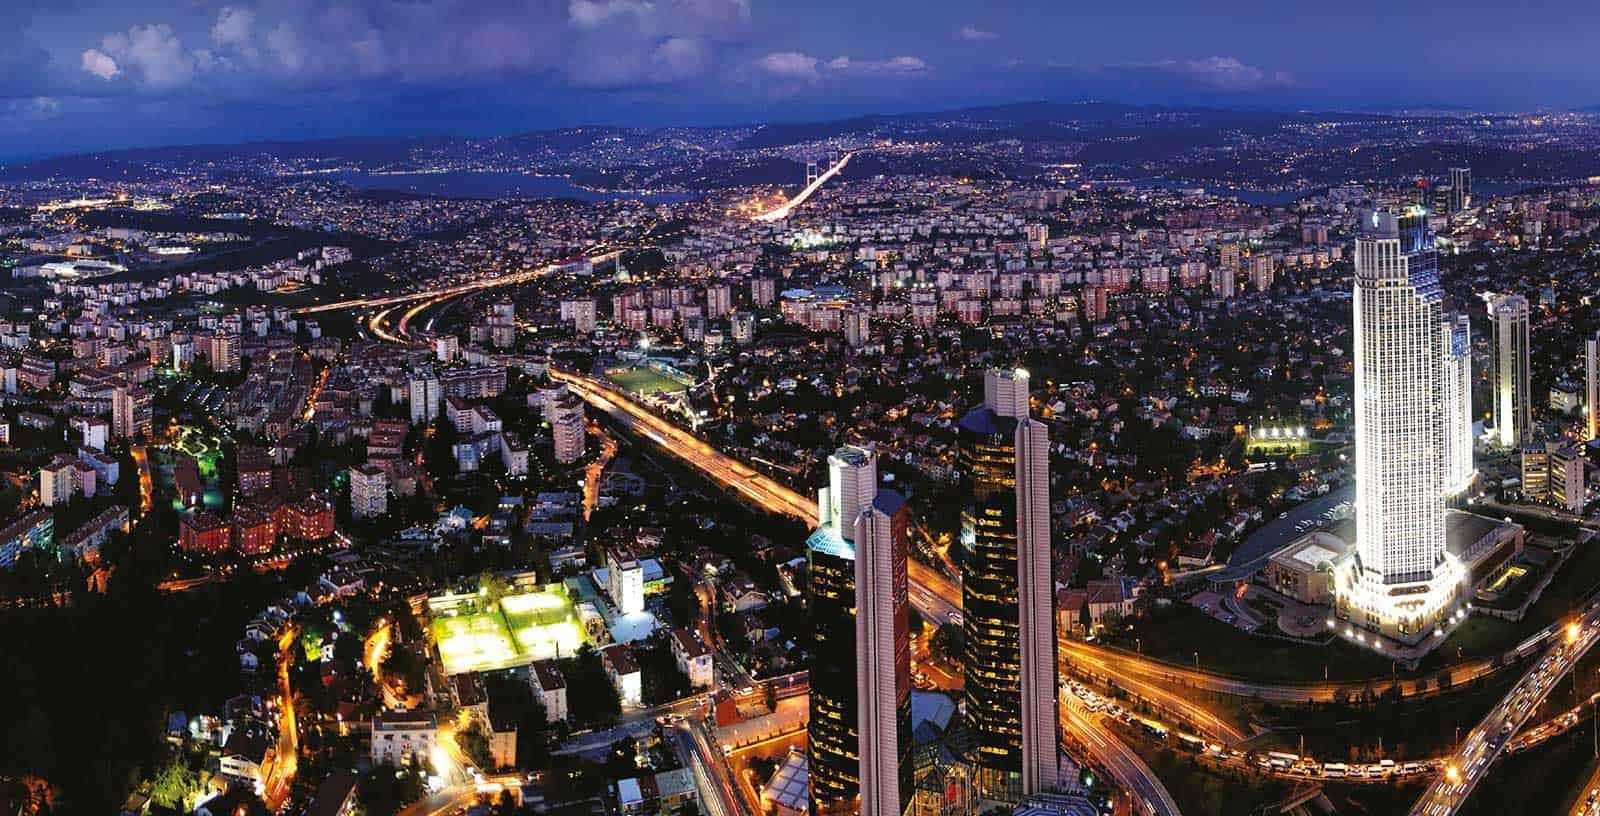 مجتمع و مرکز خرید سفیر برای افراد تازه وارد به استانبول